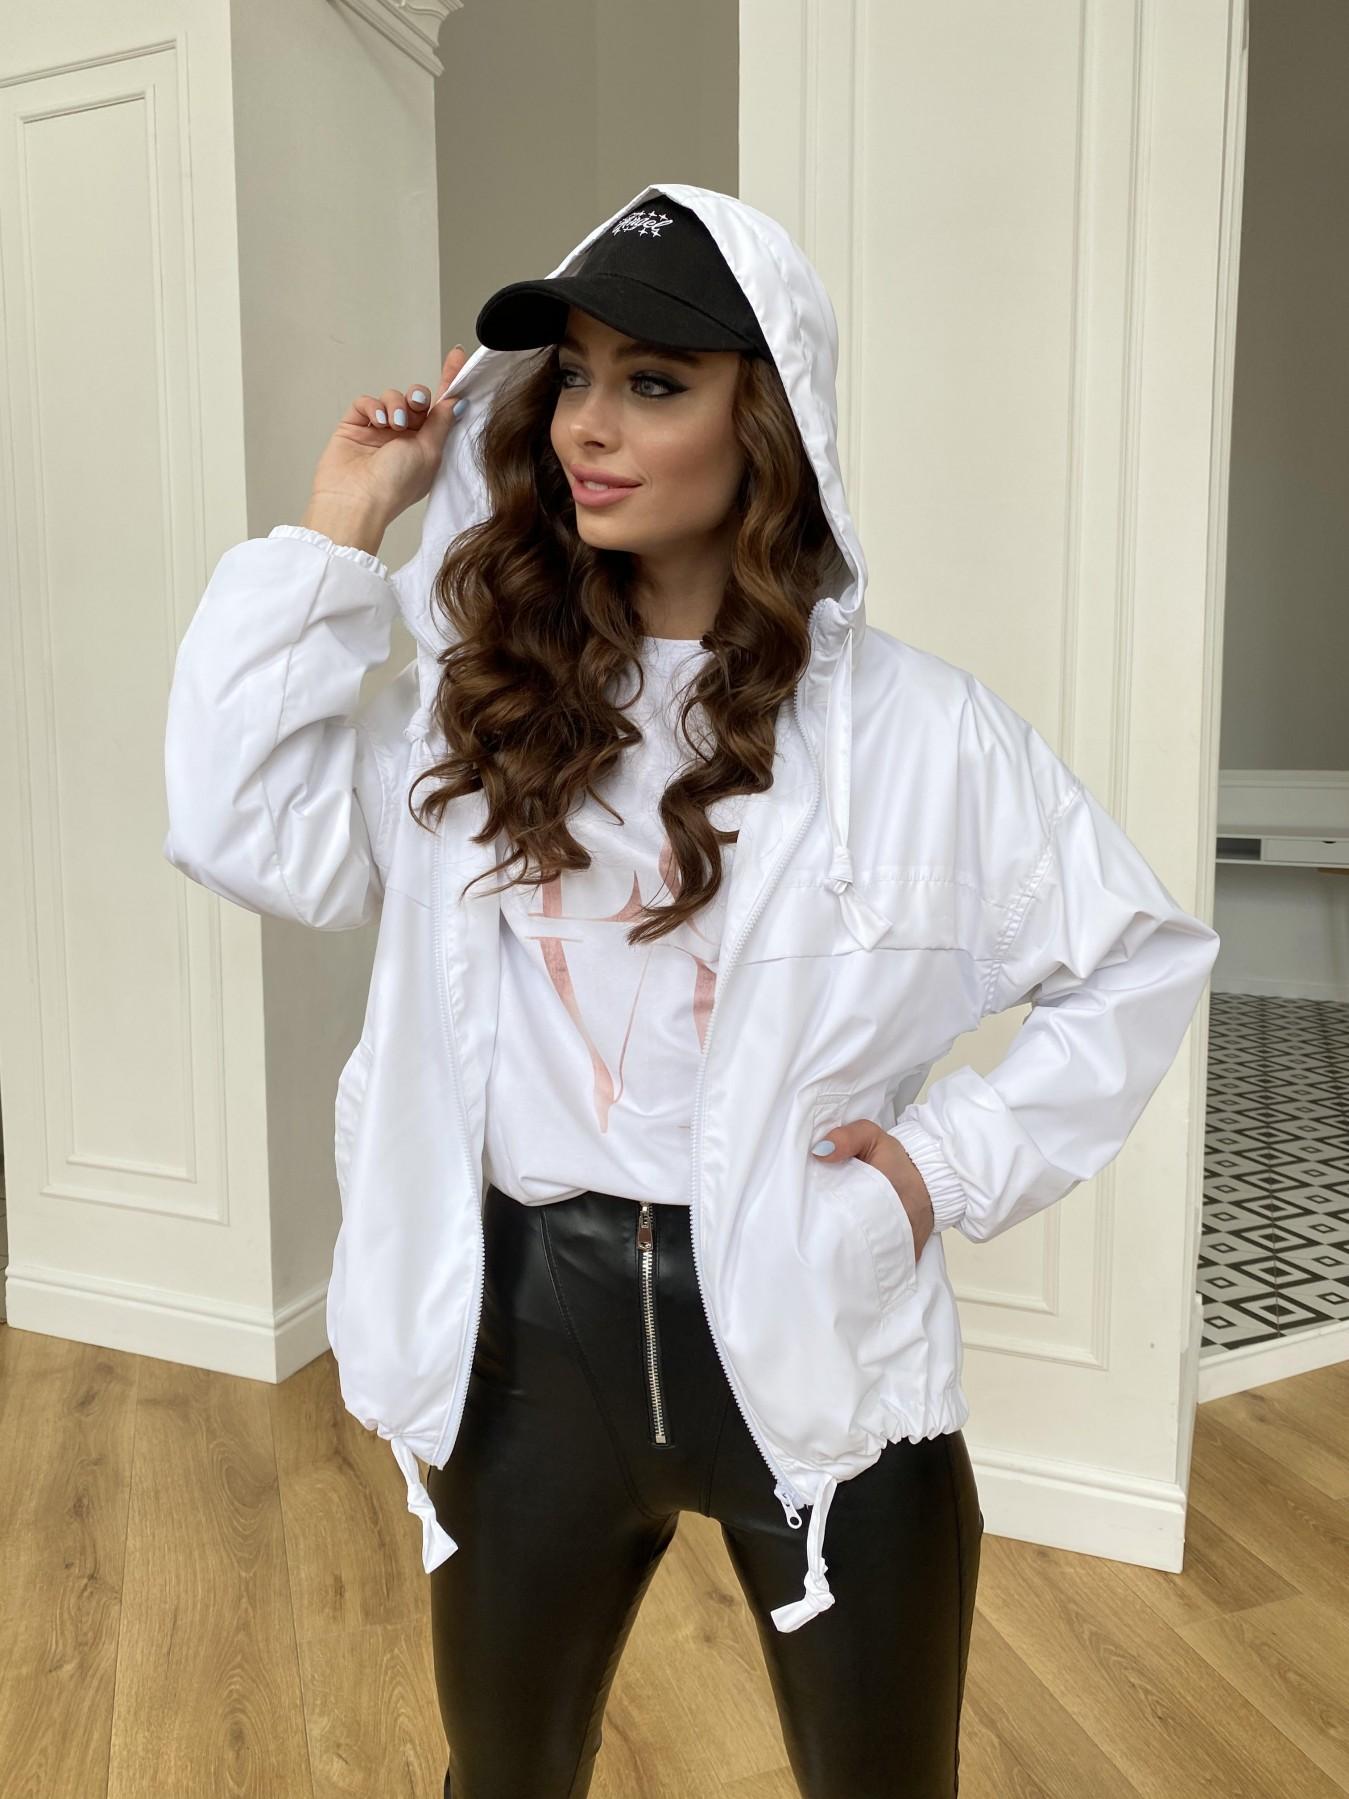 Фит куртка из плащевой ткани Ammy 11013 АРТ. 47646 Цвет: Молоко 12 - фото 1, интернет магазин tm-modus.ru